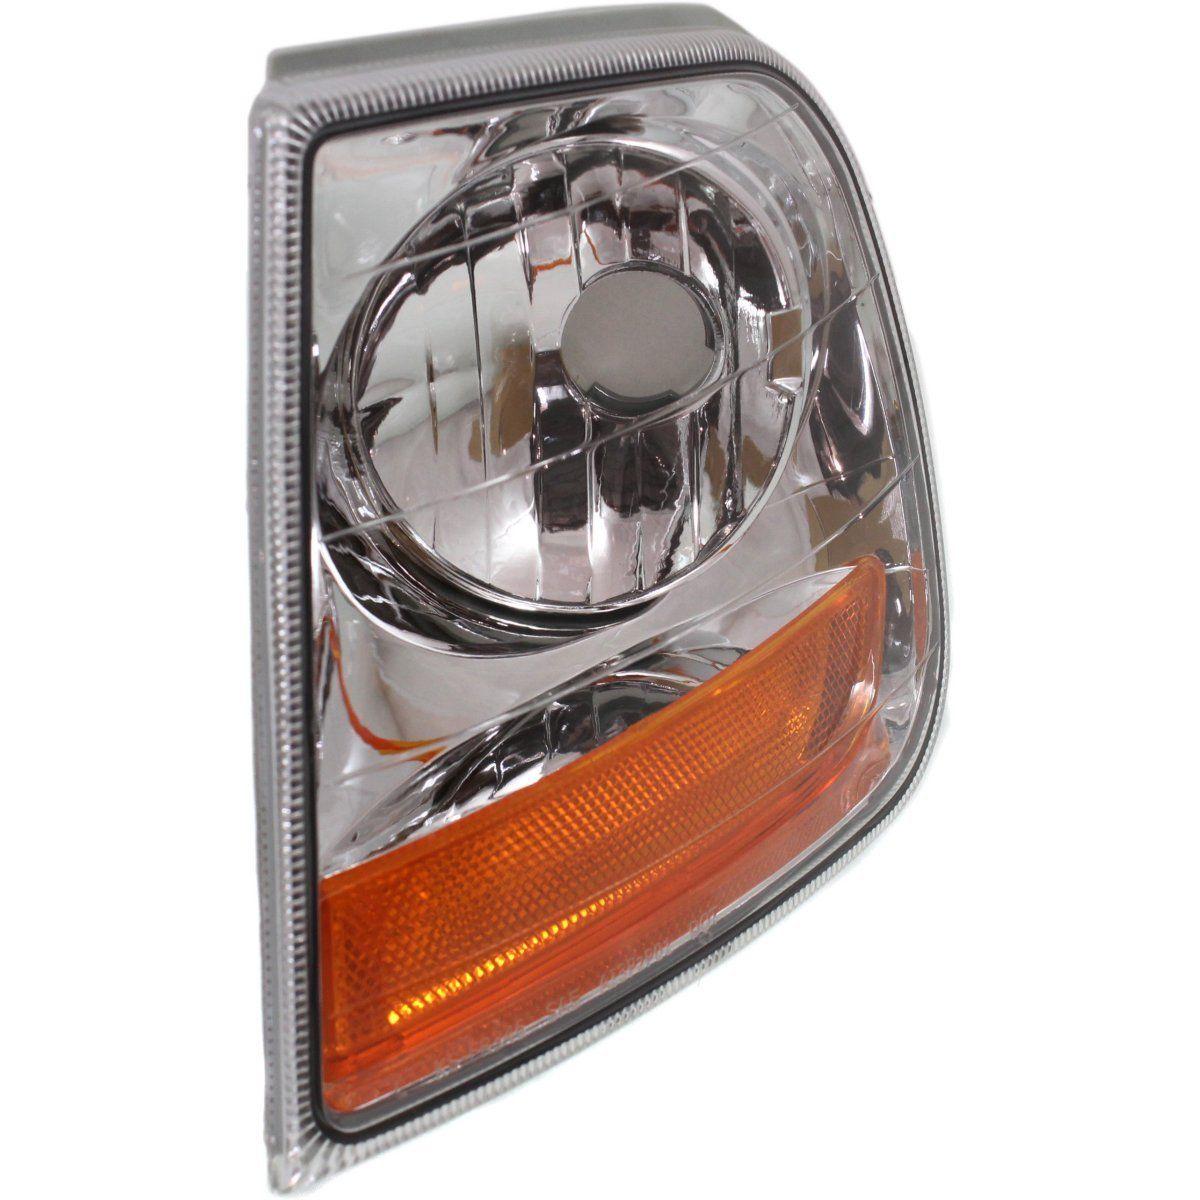 コーナーライト Corner Light For 2001-2003 Ford F-150 Lightning Driver Side Incandescent コーナーライト2001-2003フォードF - 150ライトニングドライバーサイド白熱電球